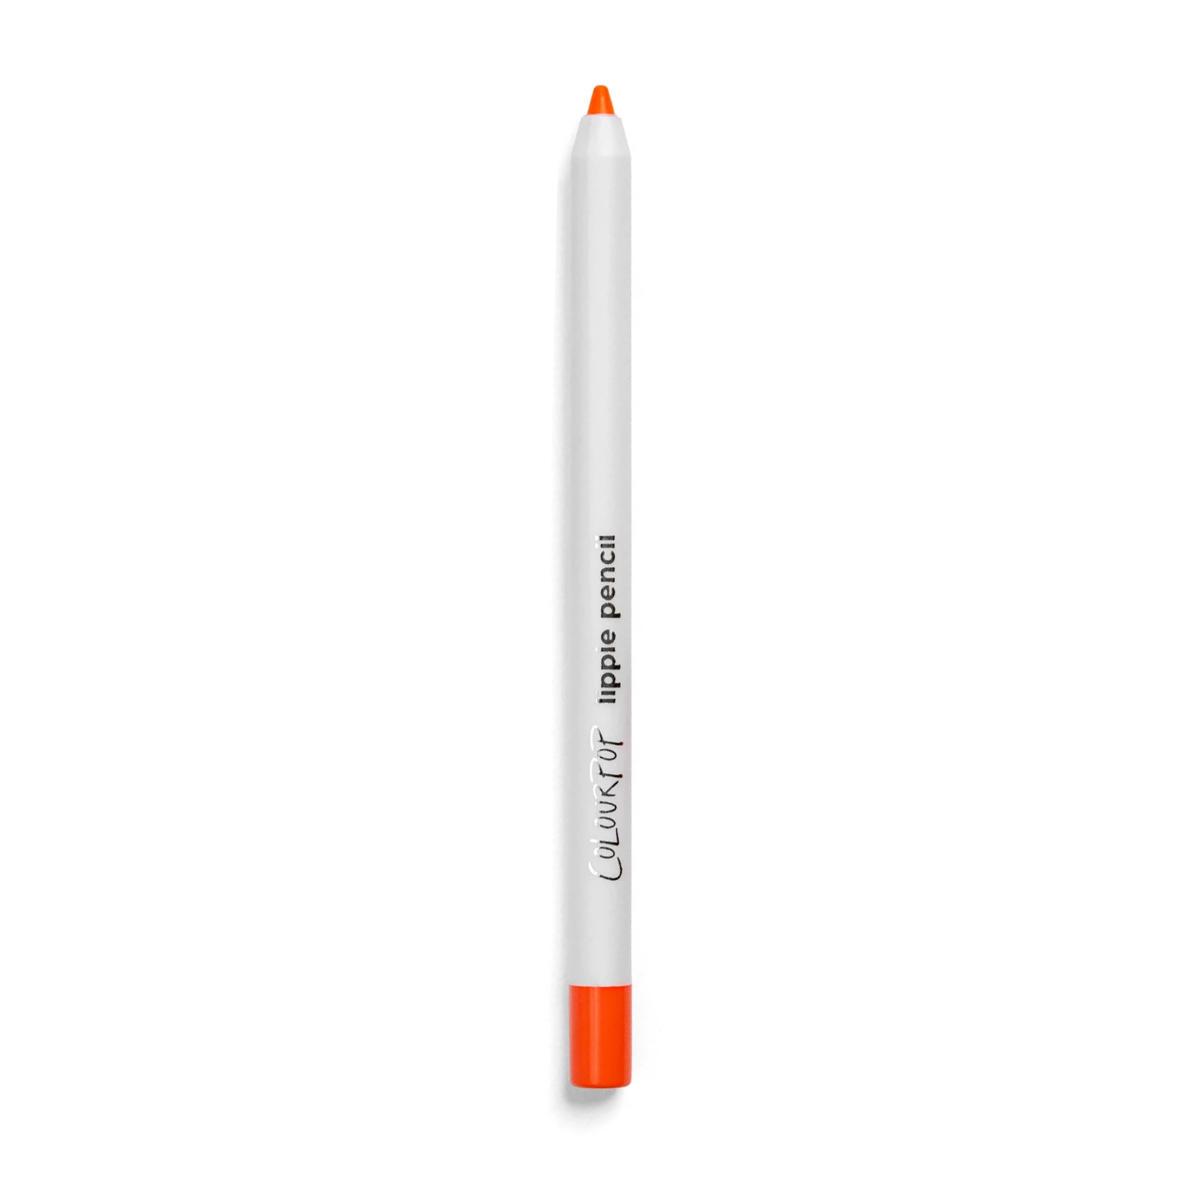 ColourPop Lippie Pencil Absolute Zero